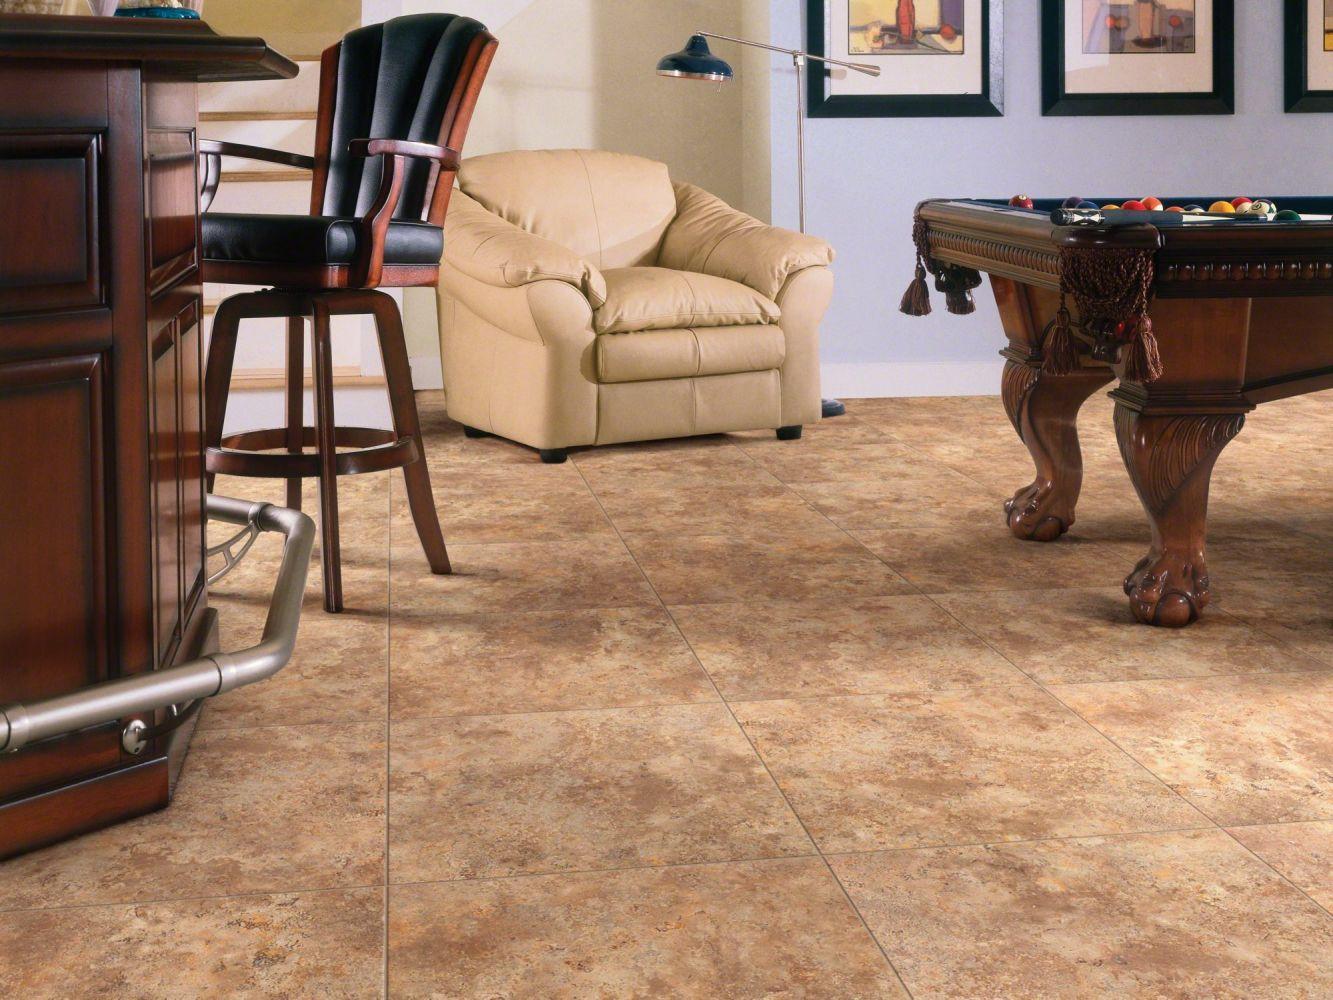 Shaw Floors Lennar Homes Oasis Tile Baked Clay 00670_LR809